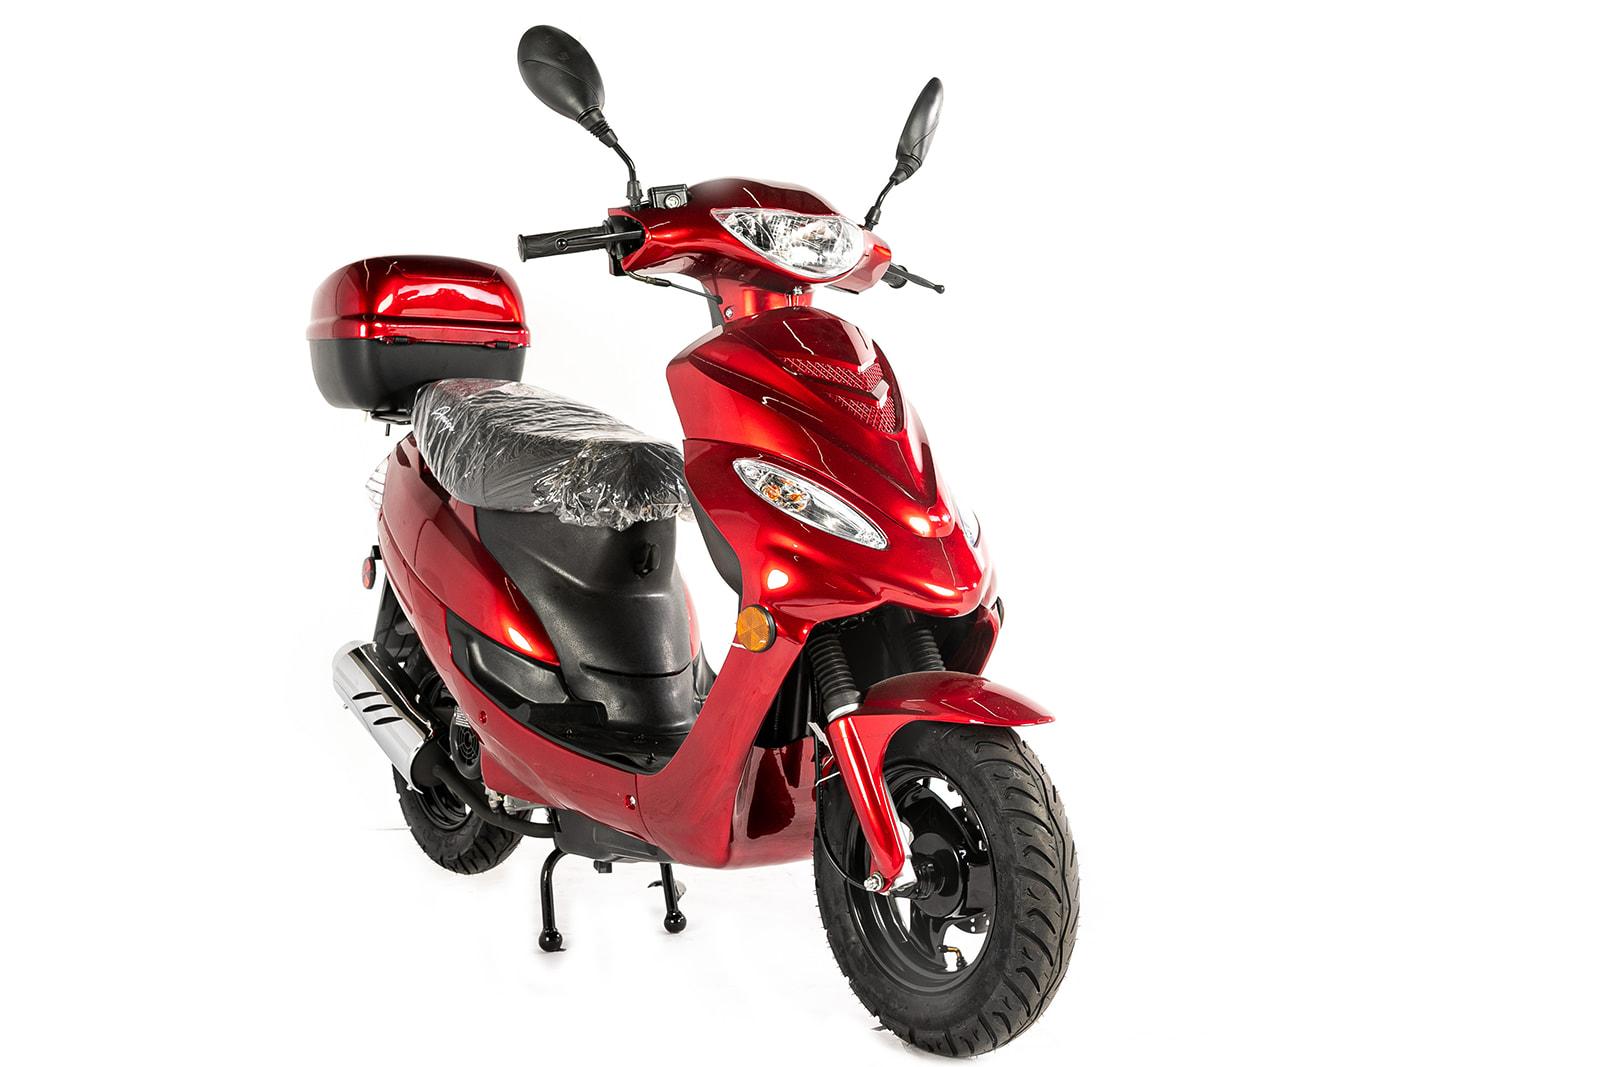 Amigo speedy 50cc